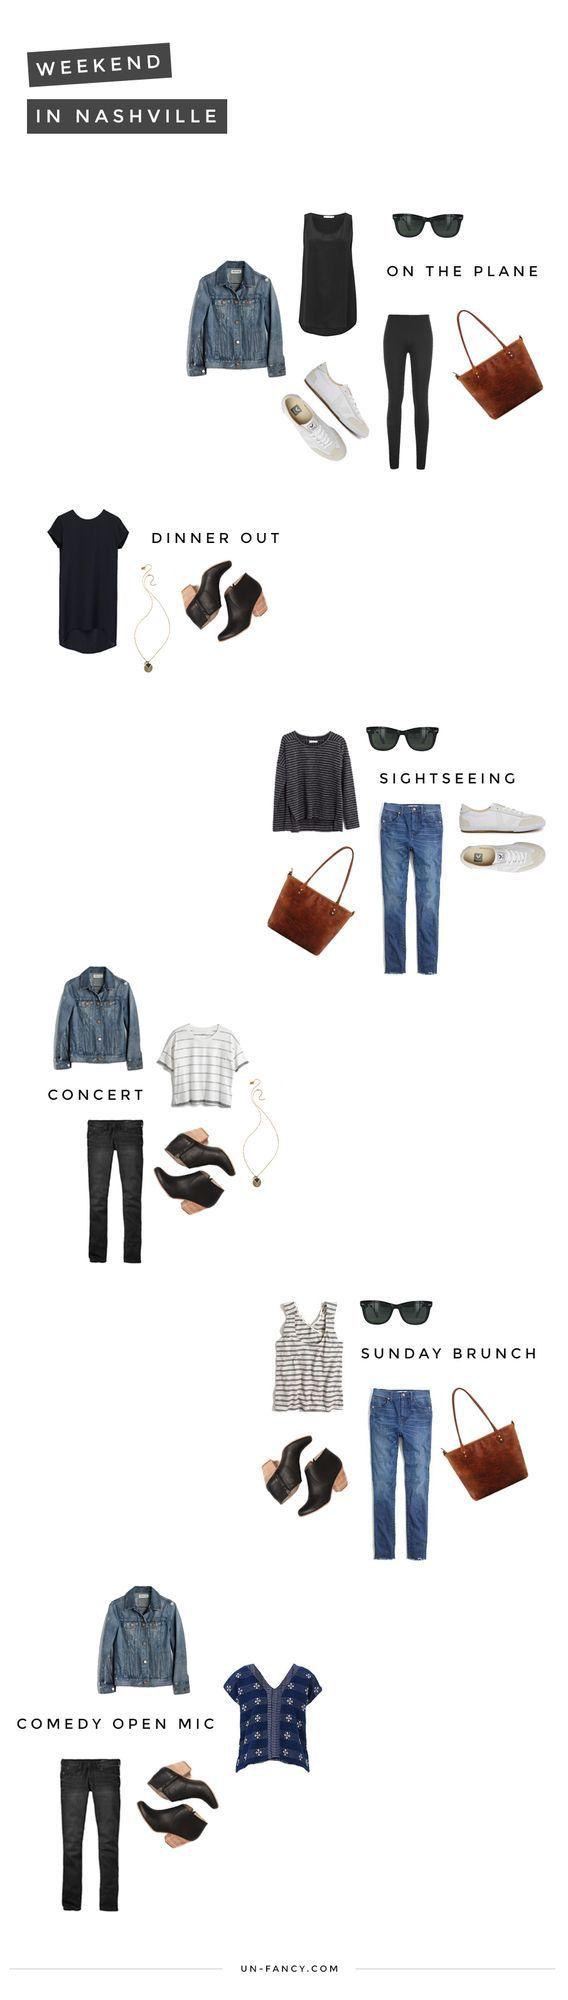 nashville: a weekend of outfits + a packing list   Un-Fancy   Bloglovin'